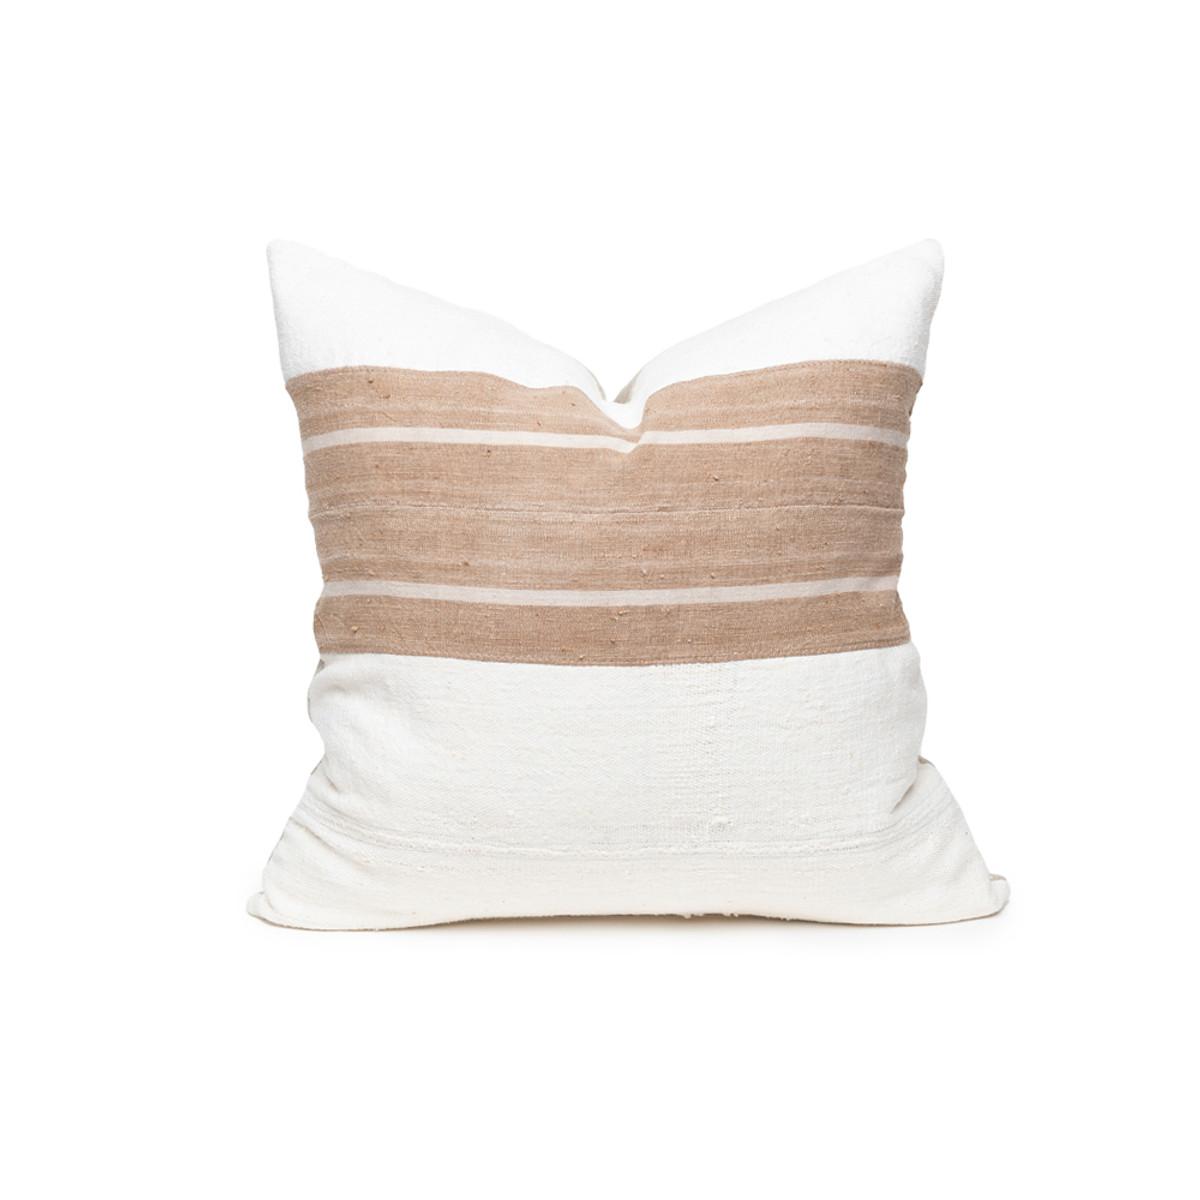 White Sands Vintage Textile Mud Cloth Pillow  - 20 - Front View